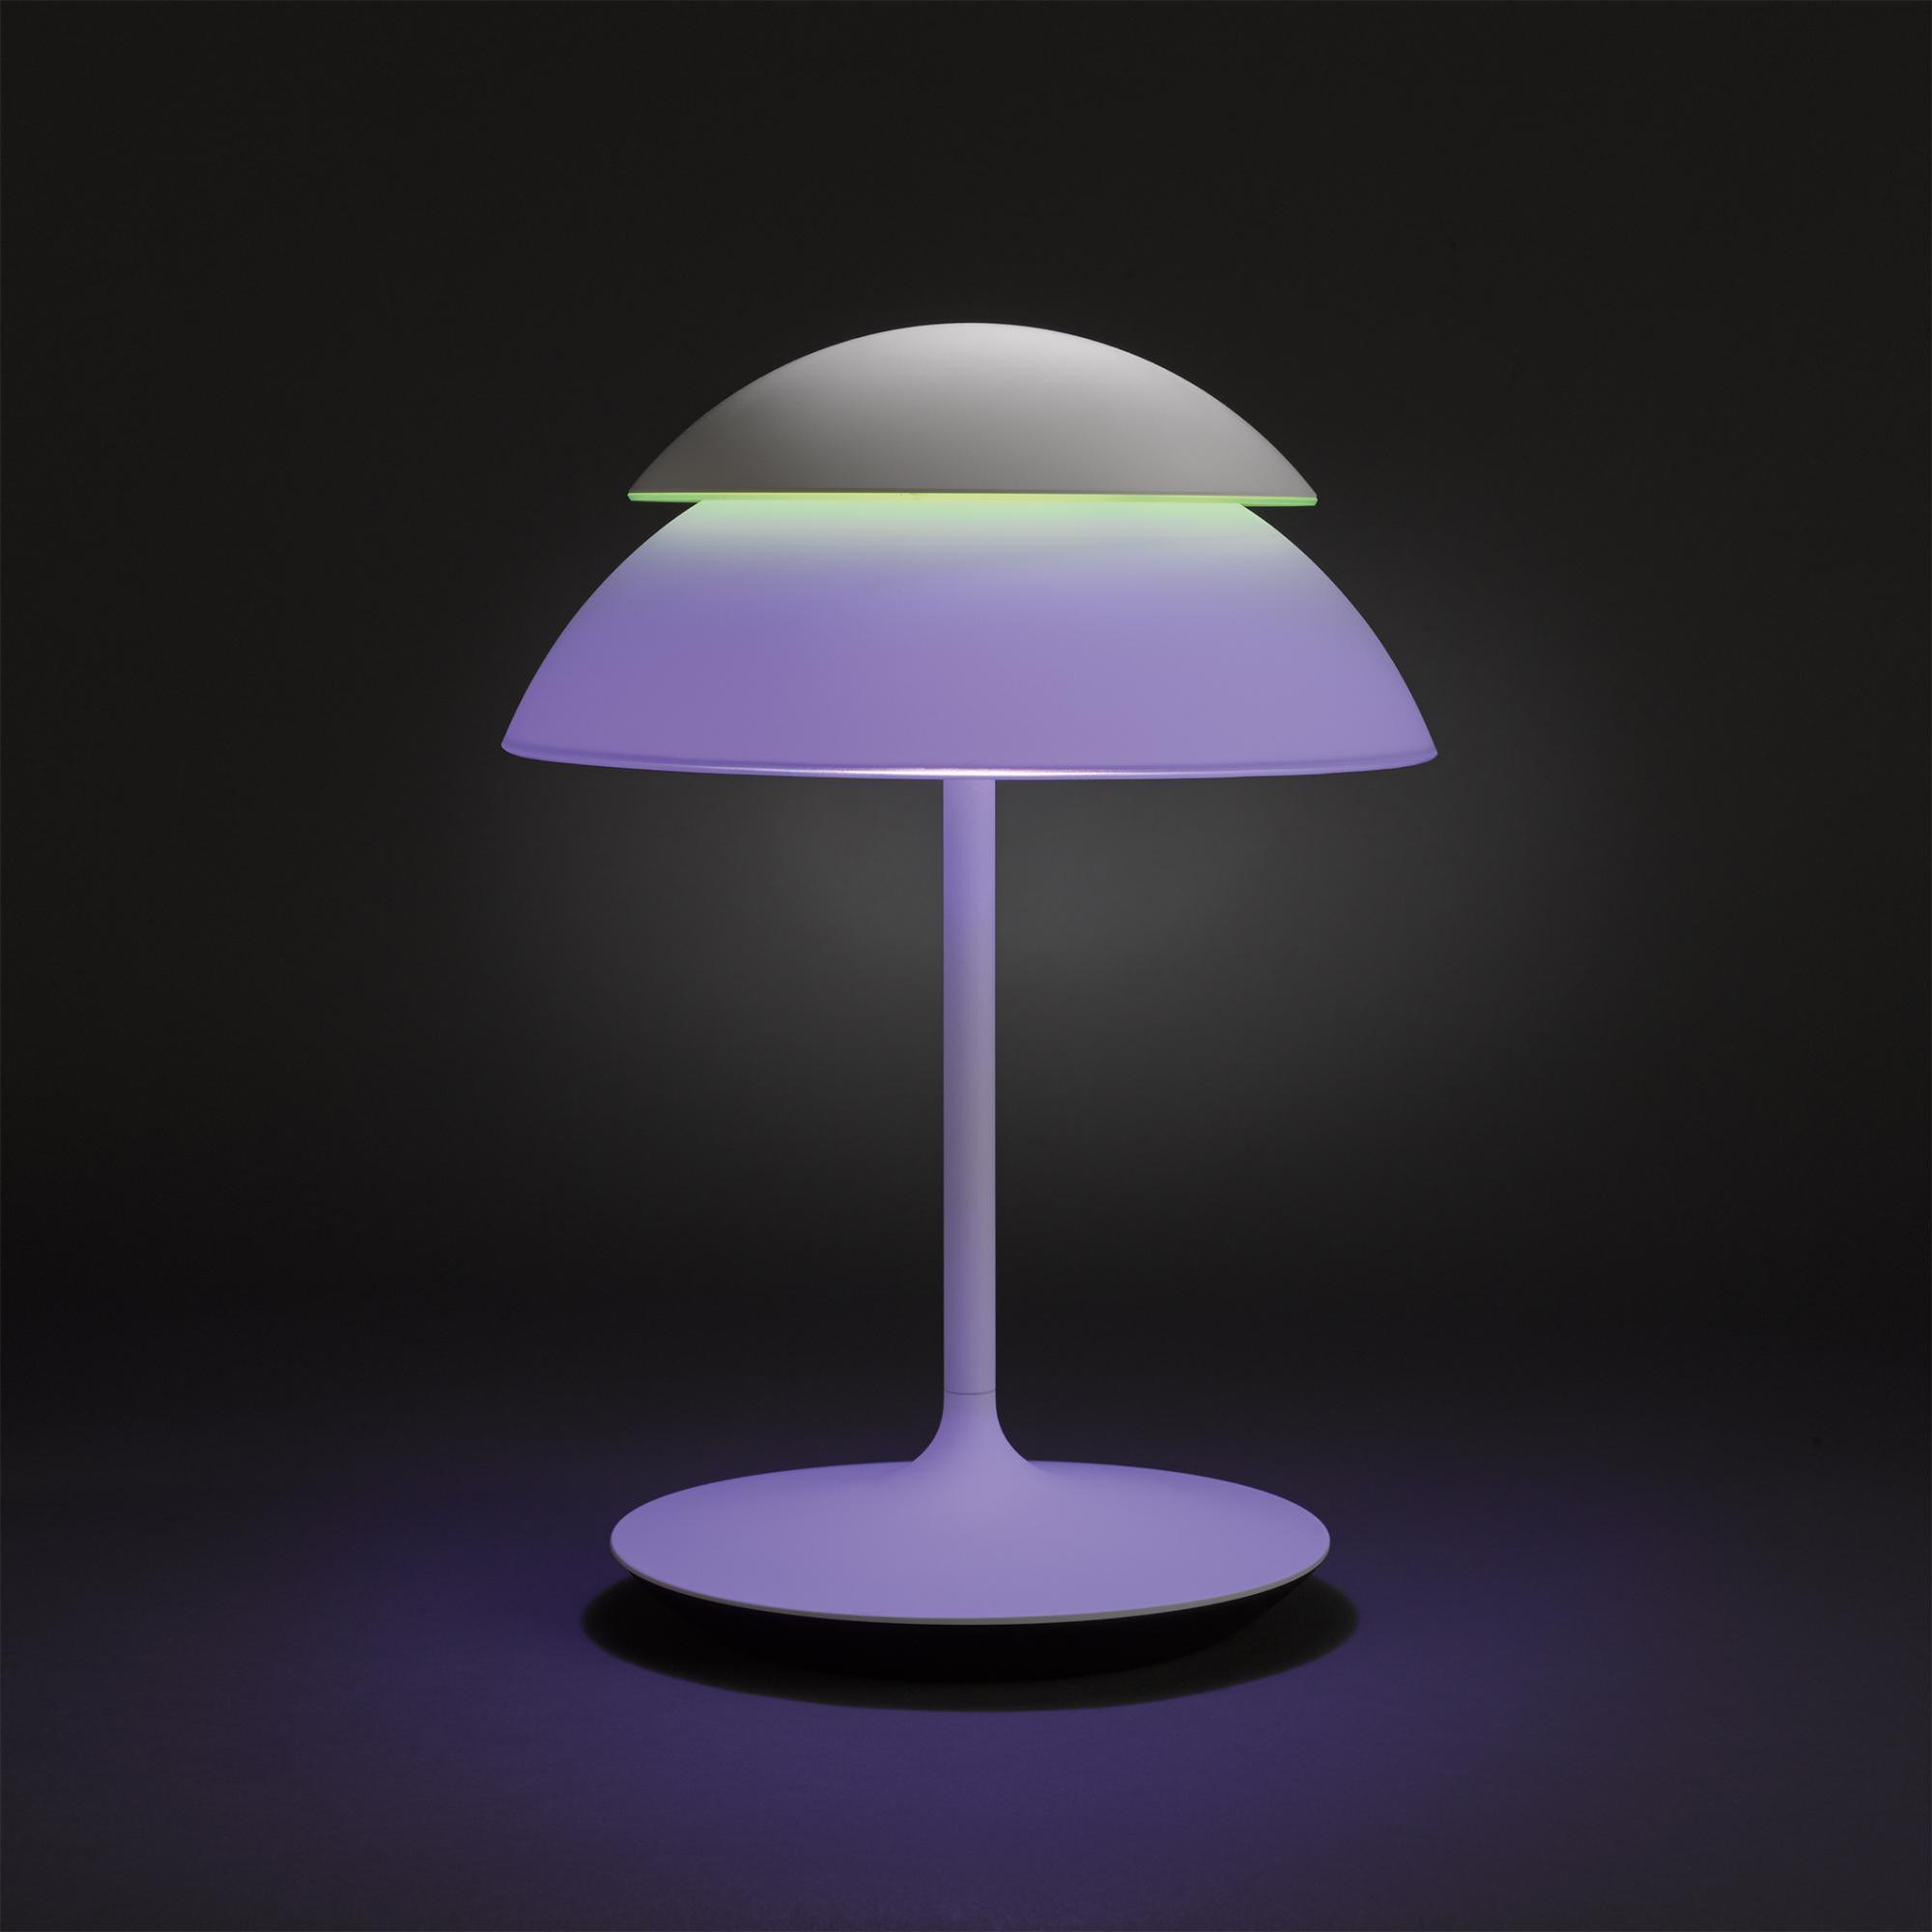 philips erweitert hue system um zwei komplettleuchten heise online. Black Bedroom Furniture Sets. Home Design Ideas